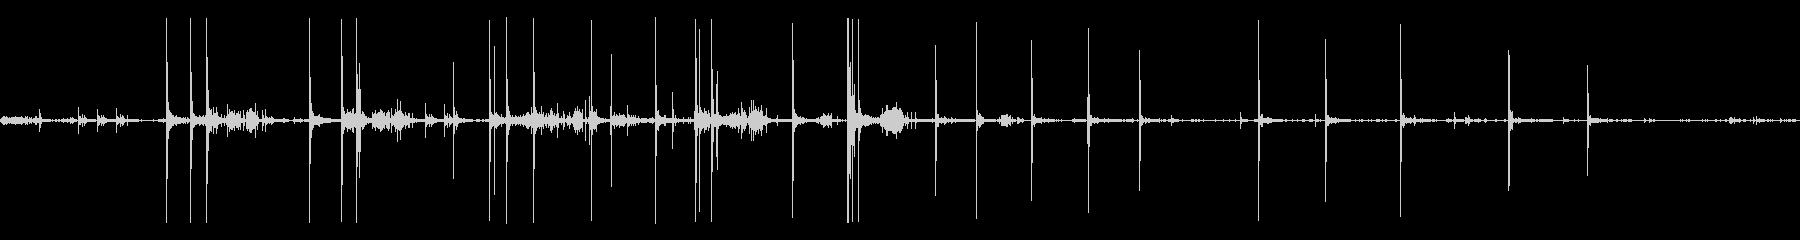 近所の空中ディスプレイ:迫撃砲、ポ...の未再生の波形